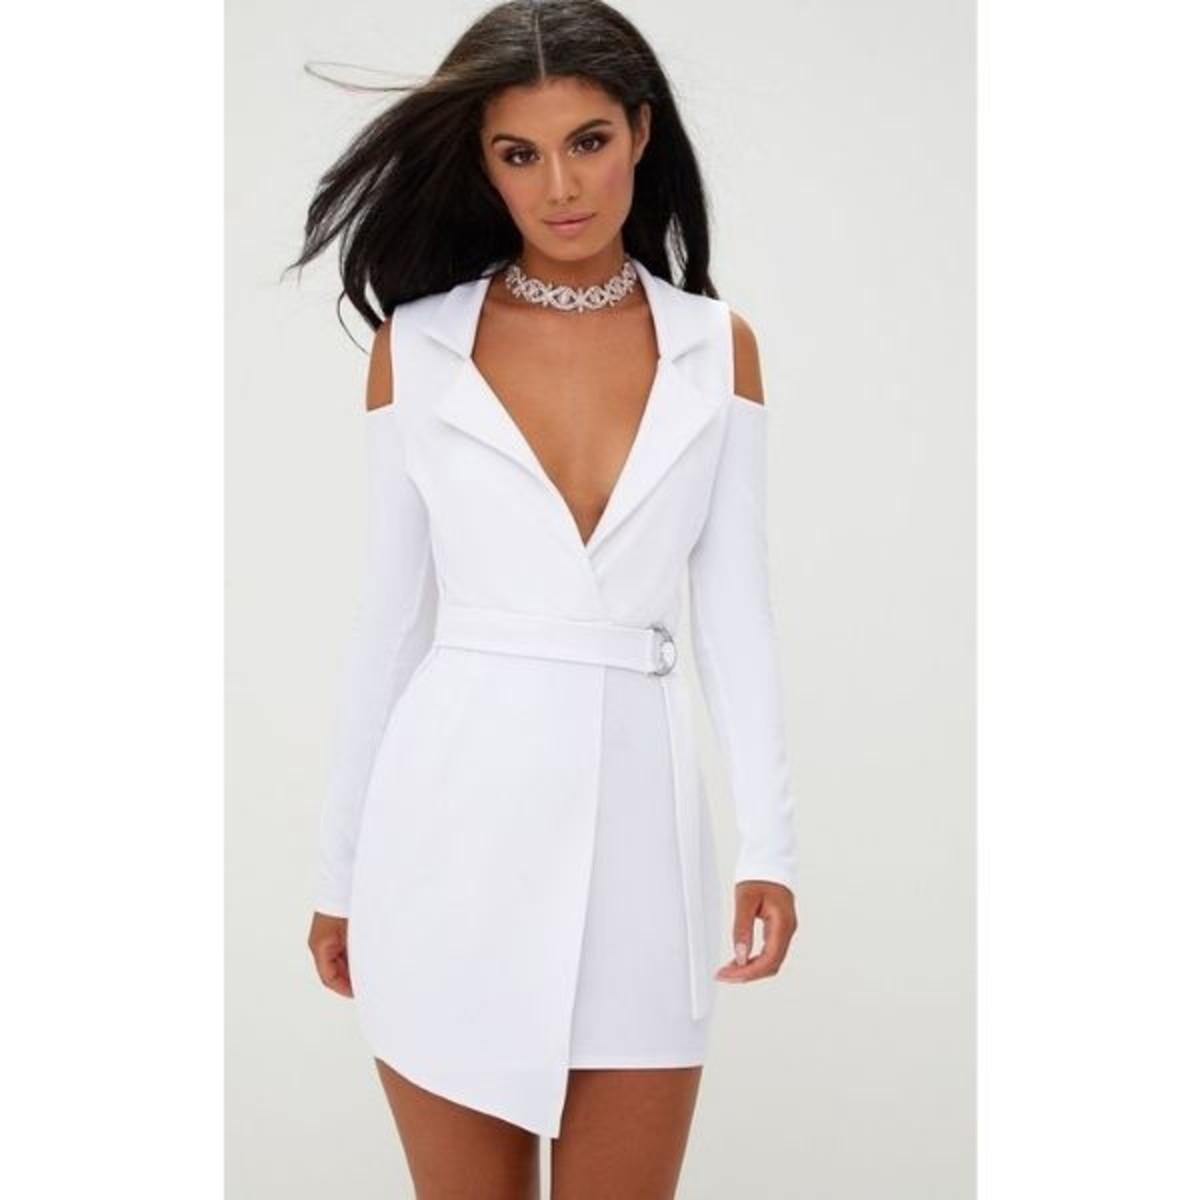 Vestido ombro vazado no Elo7 | Langamer Boutique (13CFD55)